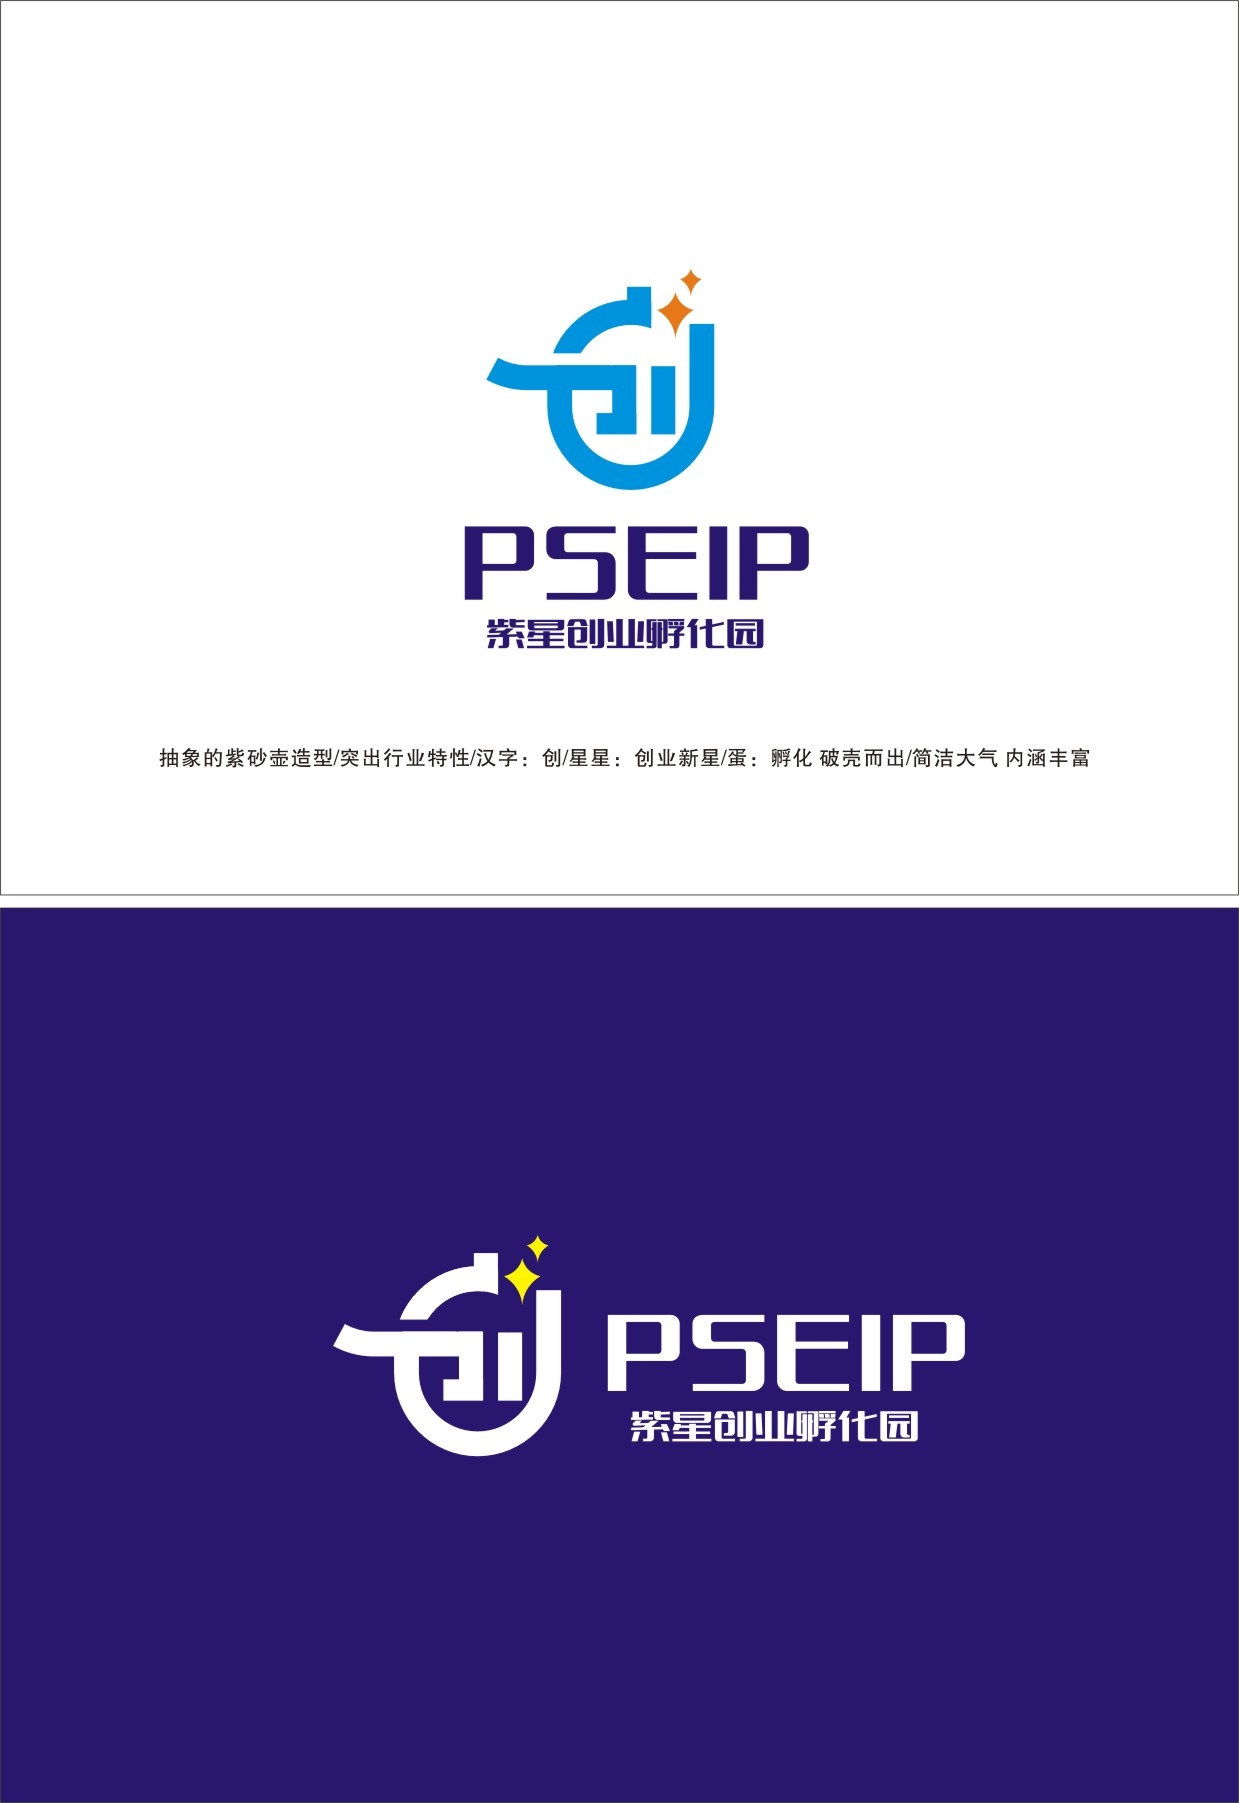 紫星创业孵化园logo设计_2956008_k68威客网